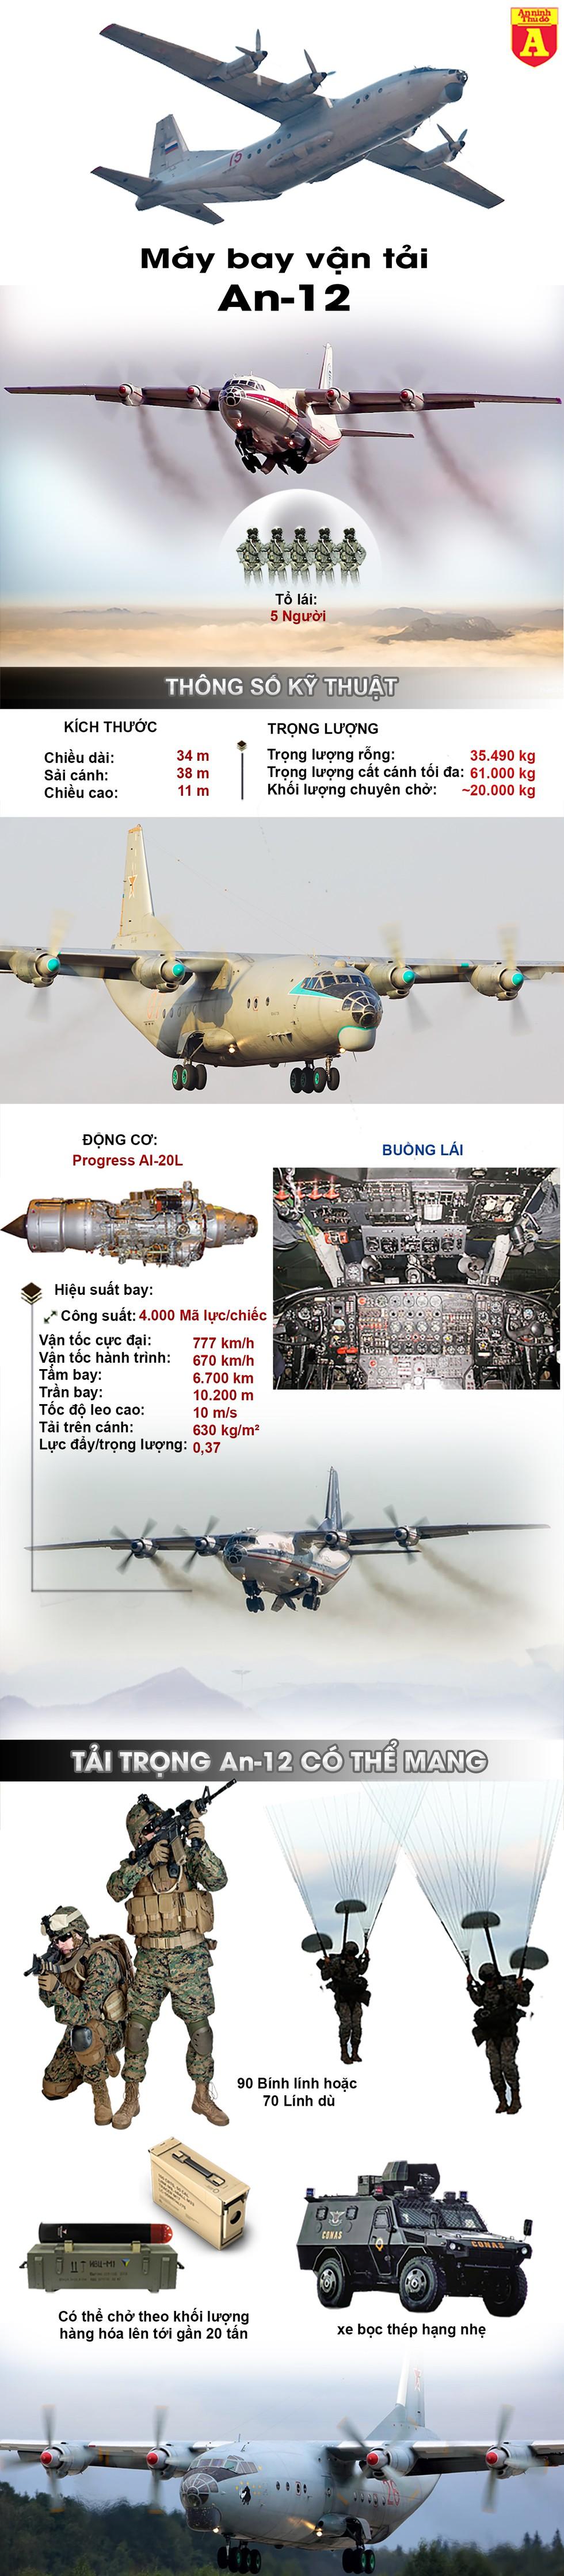 [Infographics] Máy bay An-12 Ukraine hết nhiên liệu buộc phải đáp khẩn cấp làm 5 người chết - Ảnh 1